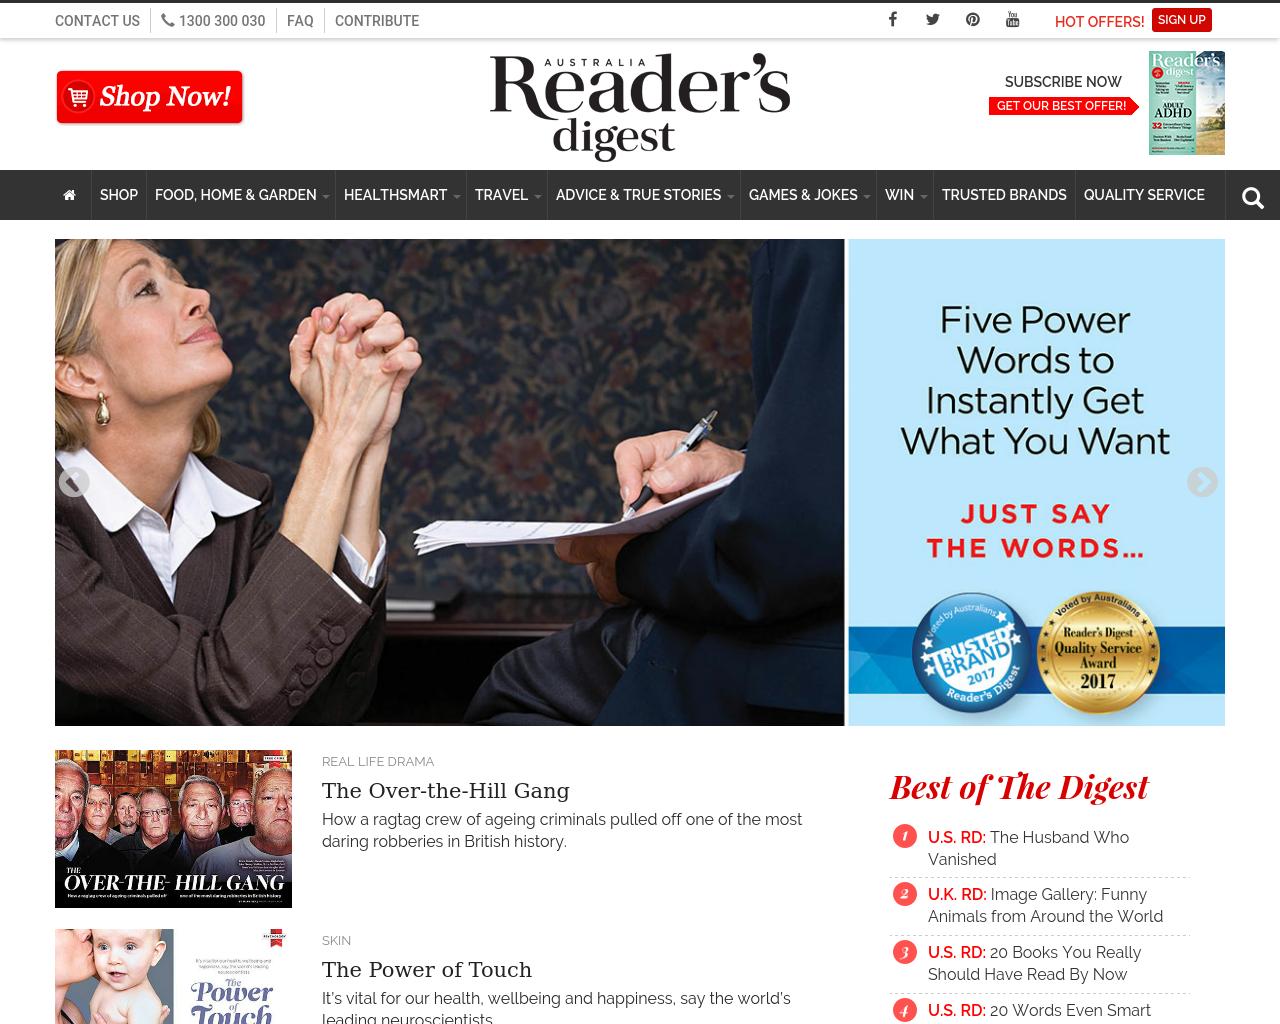 Readers-Digest-Australia-Advertising-Reviews-Pricing